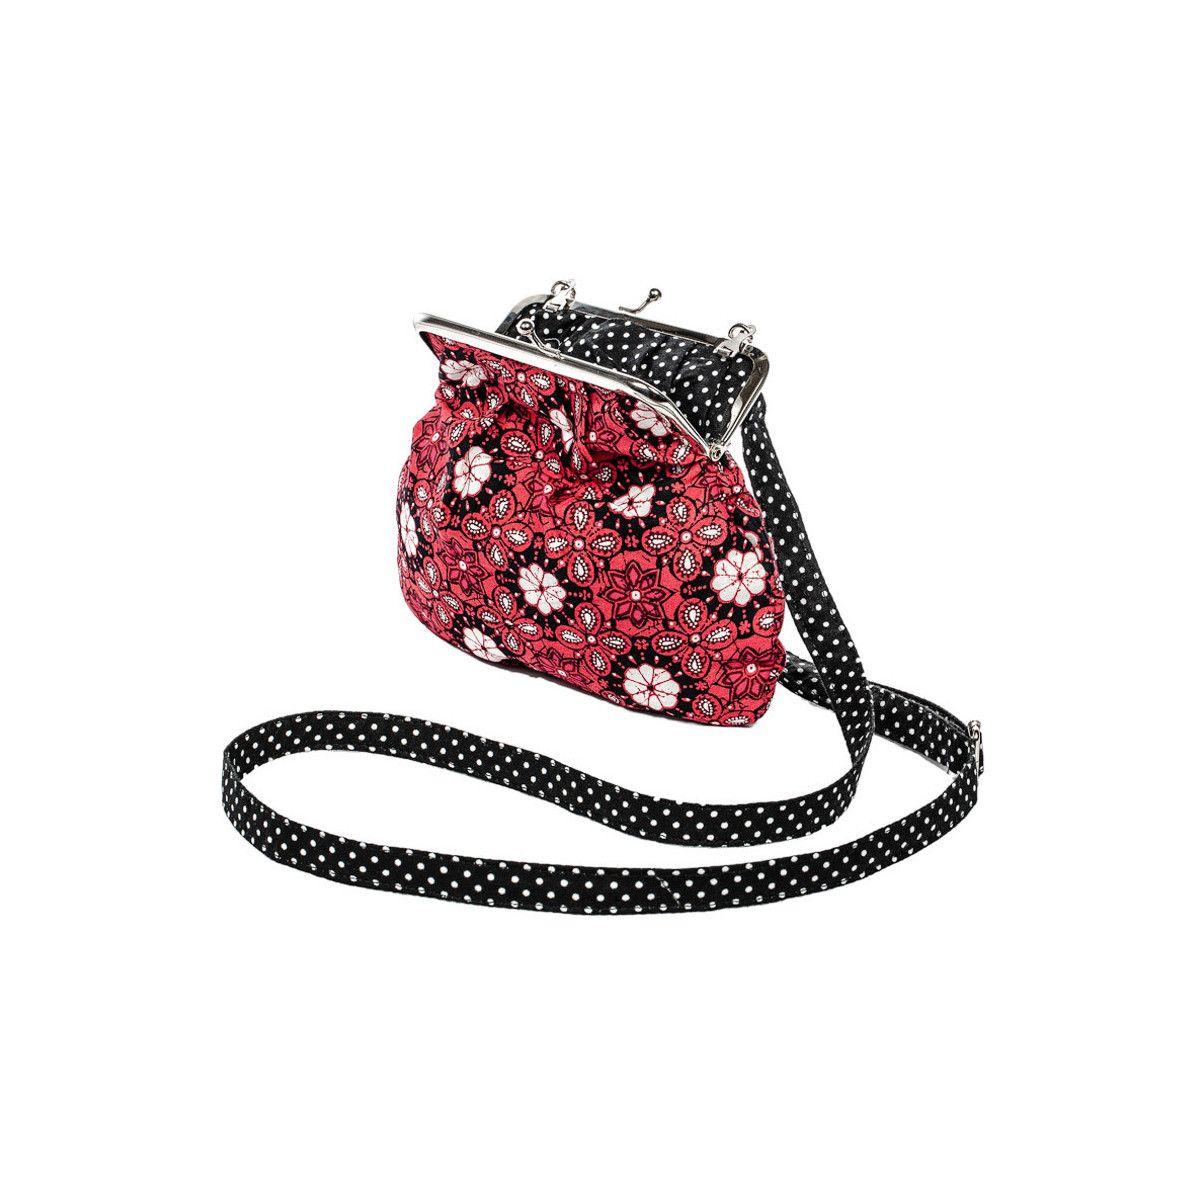 Petit sac rétro à clip coton rose framboise et noir à pois